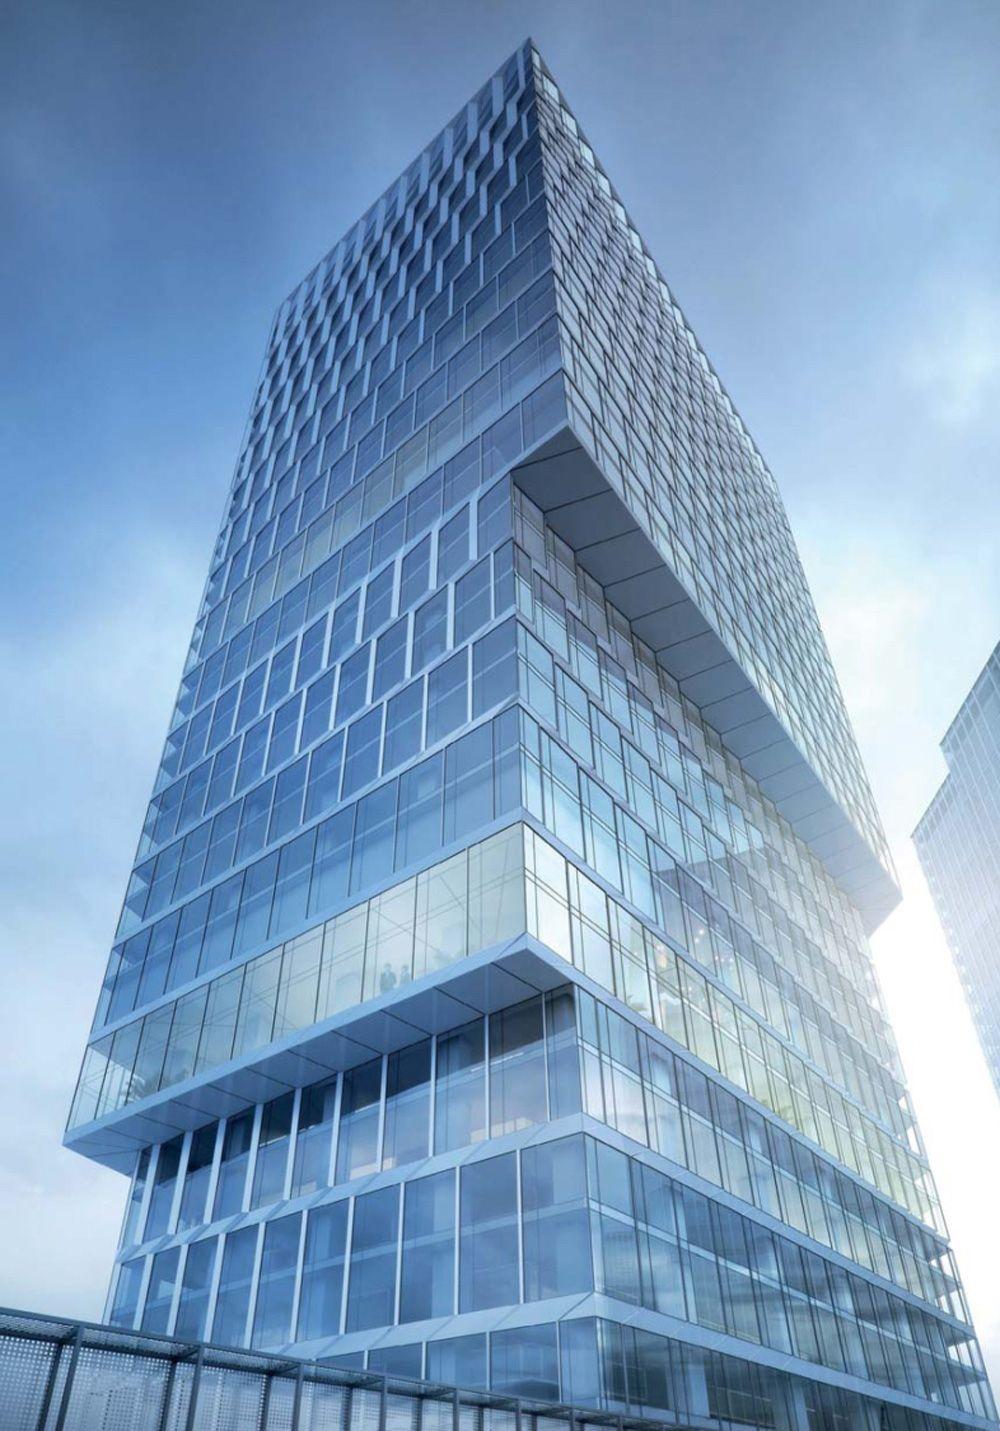 1 preis henn architektur hochhaus futuristische architektur und architektur - Futuristische architektur ...